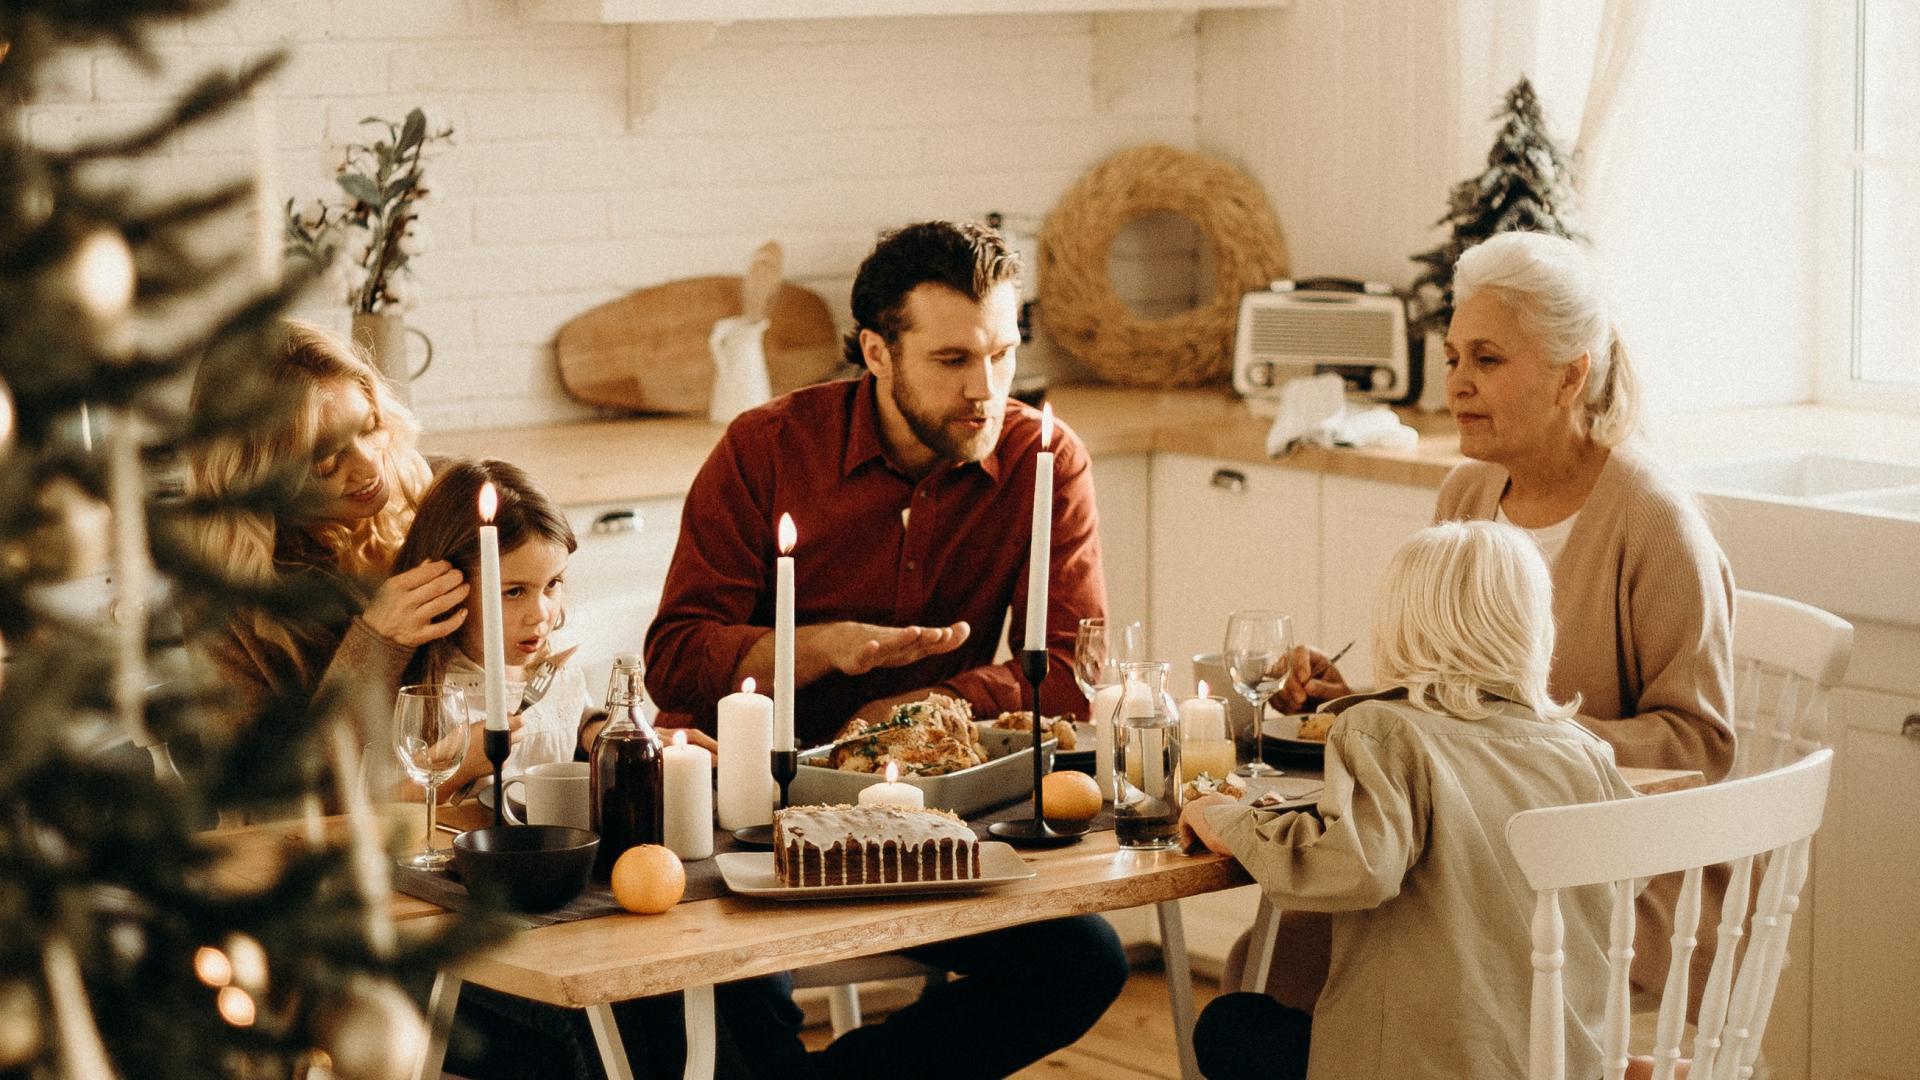 Familie an Weihnachtstafel